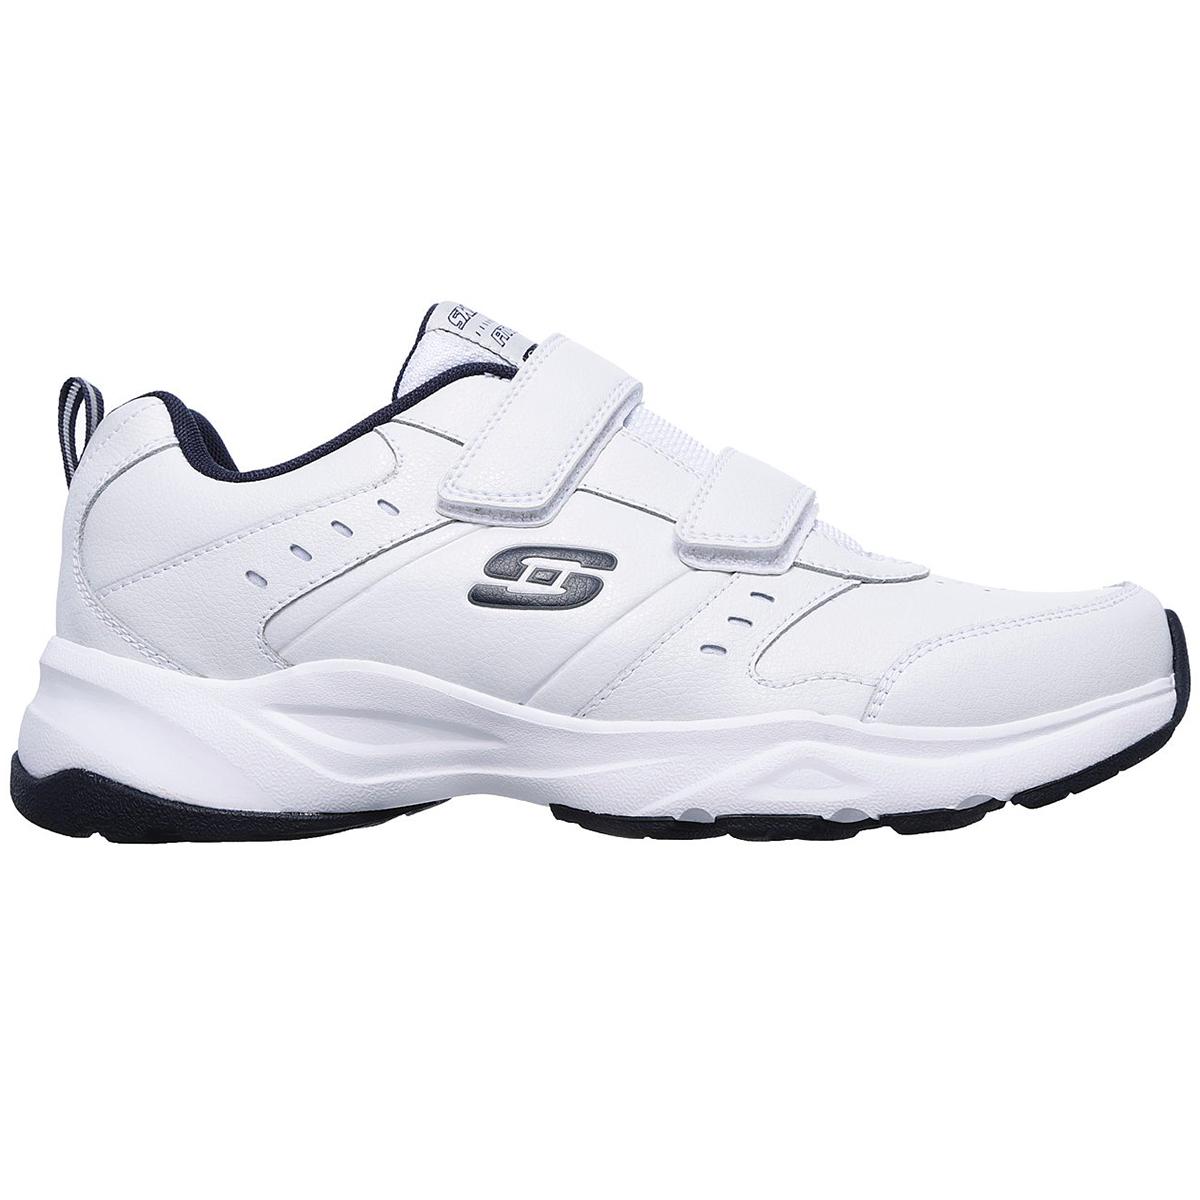 SKECHERS Men's Haniger Casspi Velcro Sneakers, Wide